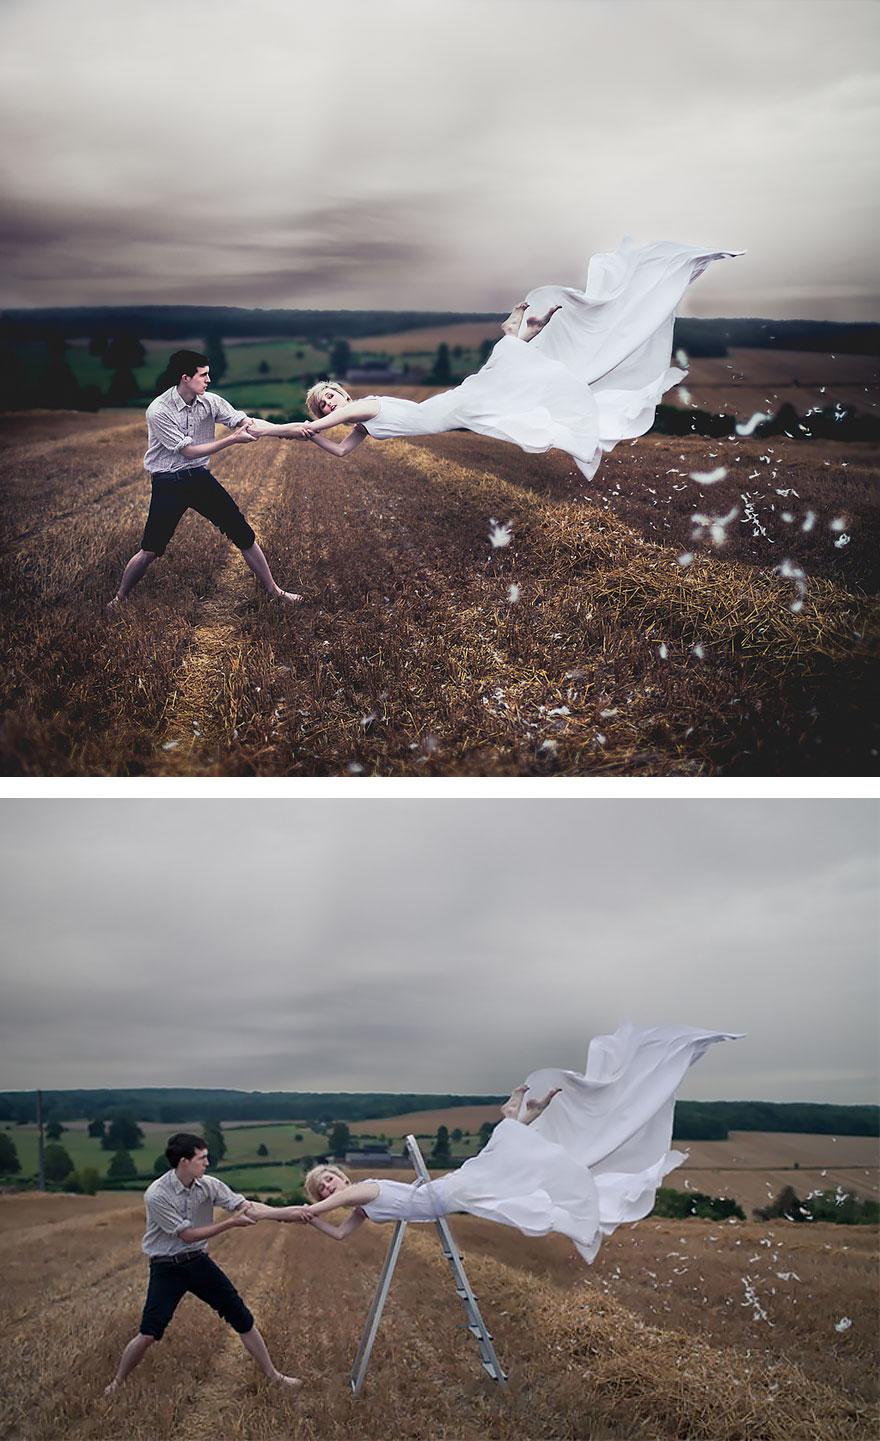 35張證明「攝影師絕對是世界上最偉大職業」的幕後照片